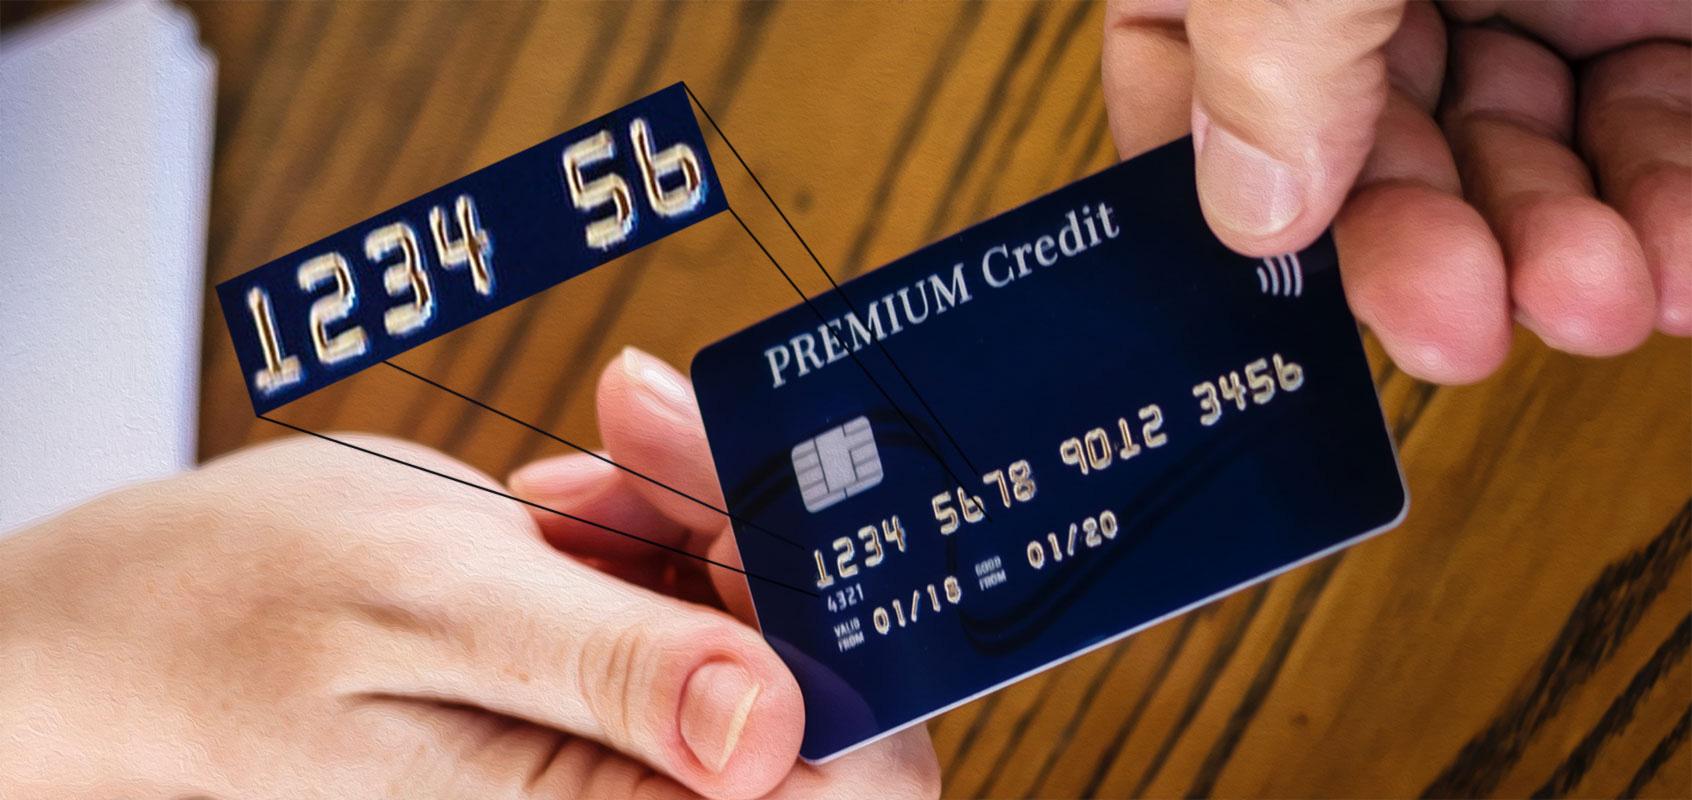 Số nhận dạng ngân hàng (Bank Identification Number - BIN) là gì? Đặc điểm của Số nhận dạng ngân hàng - Ảnh 1.